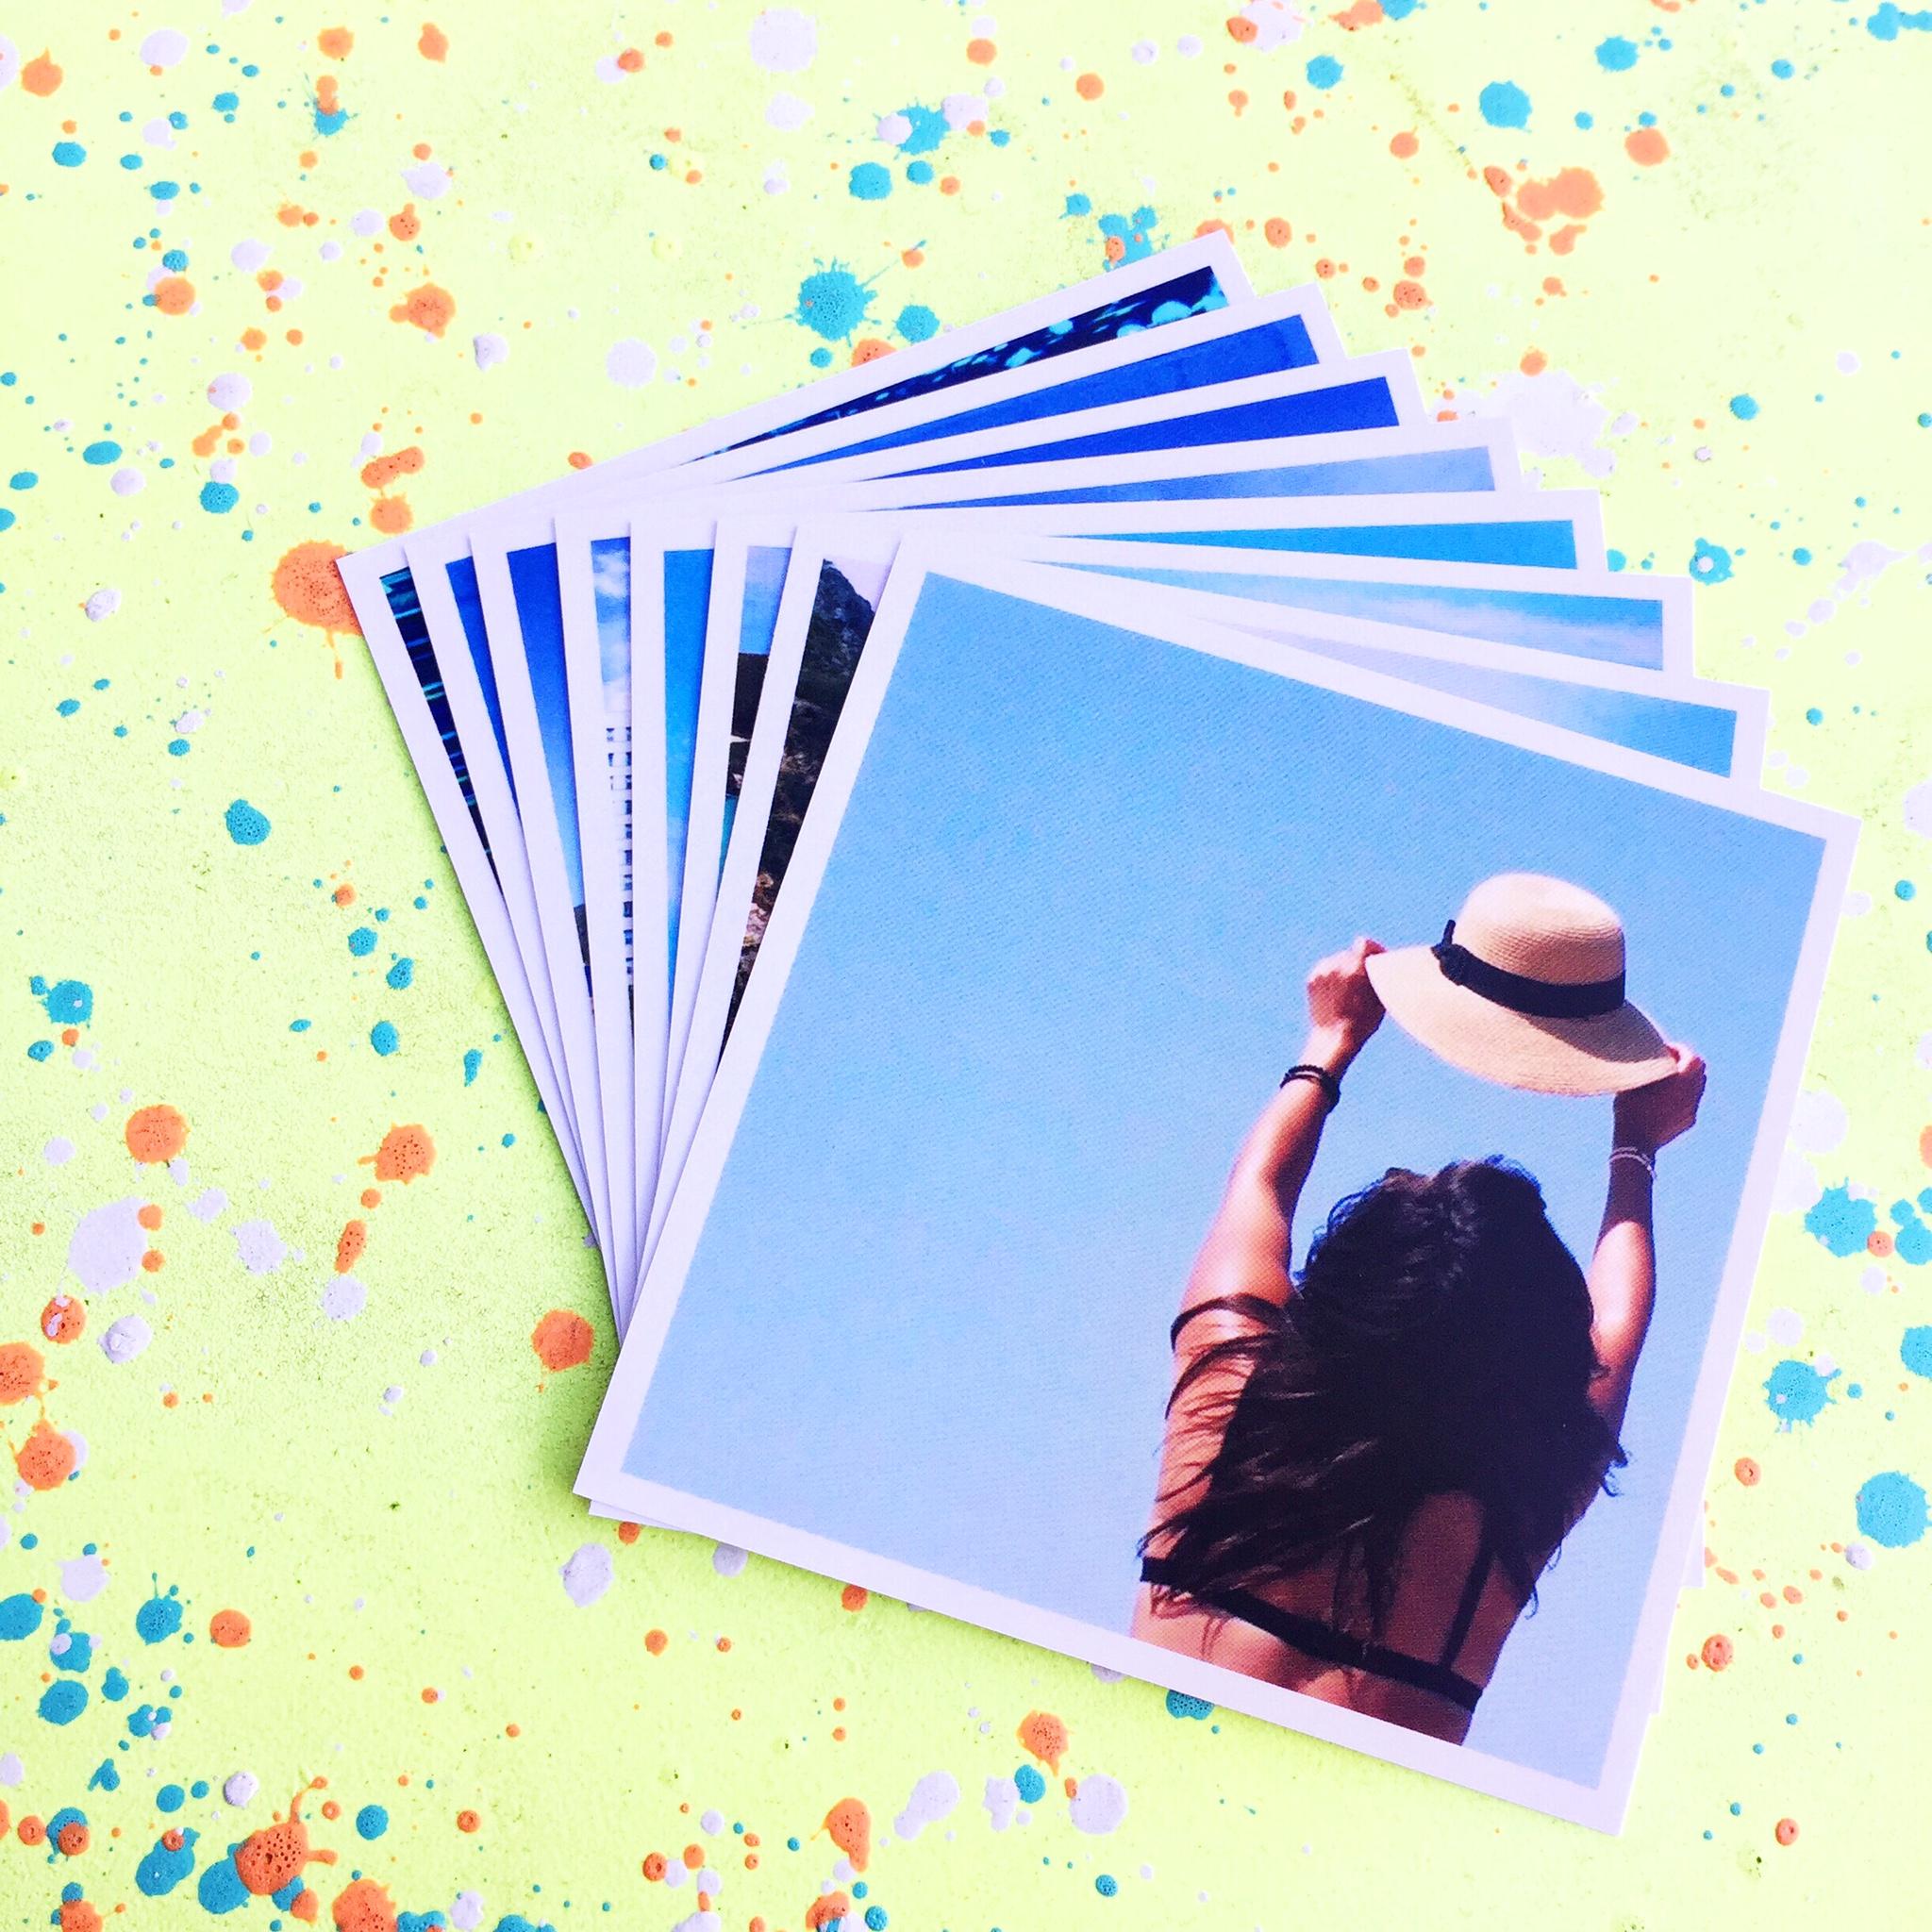 social print studio, instagram prints, instagrams,